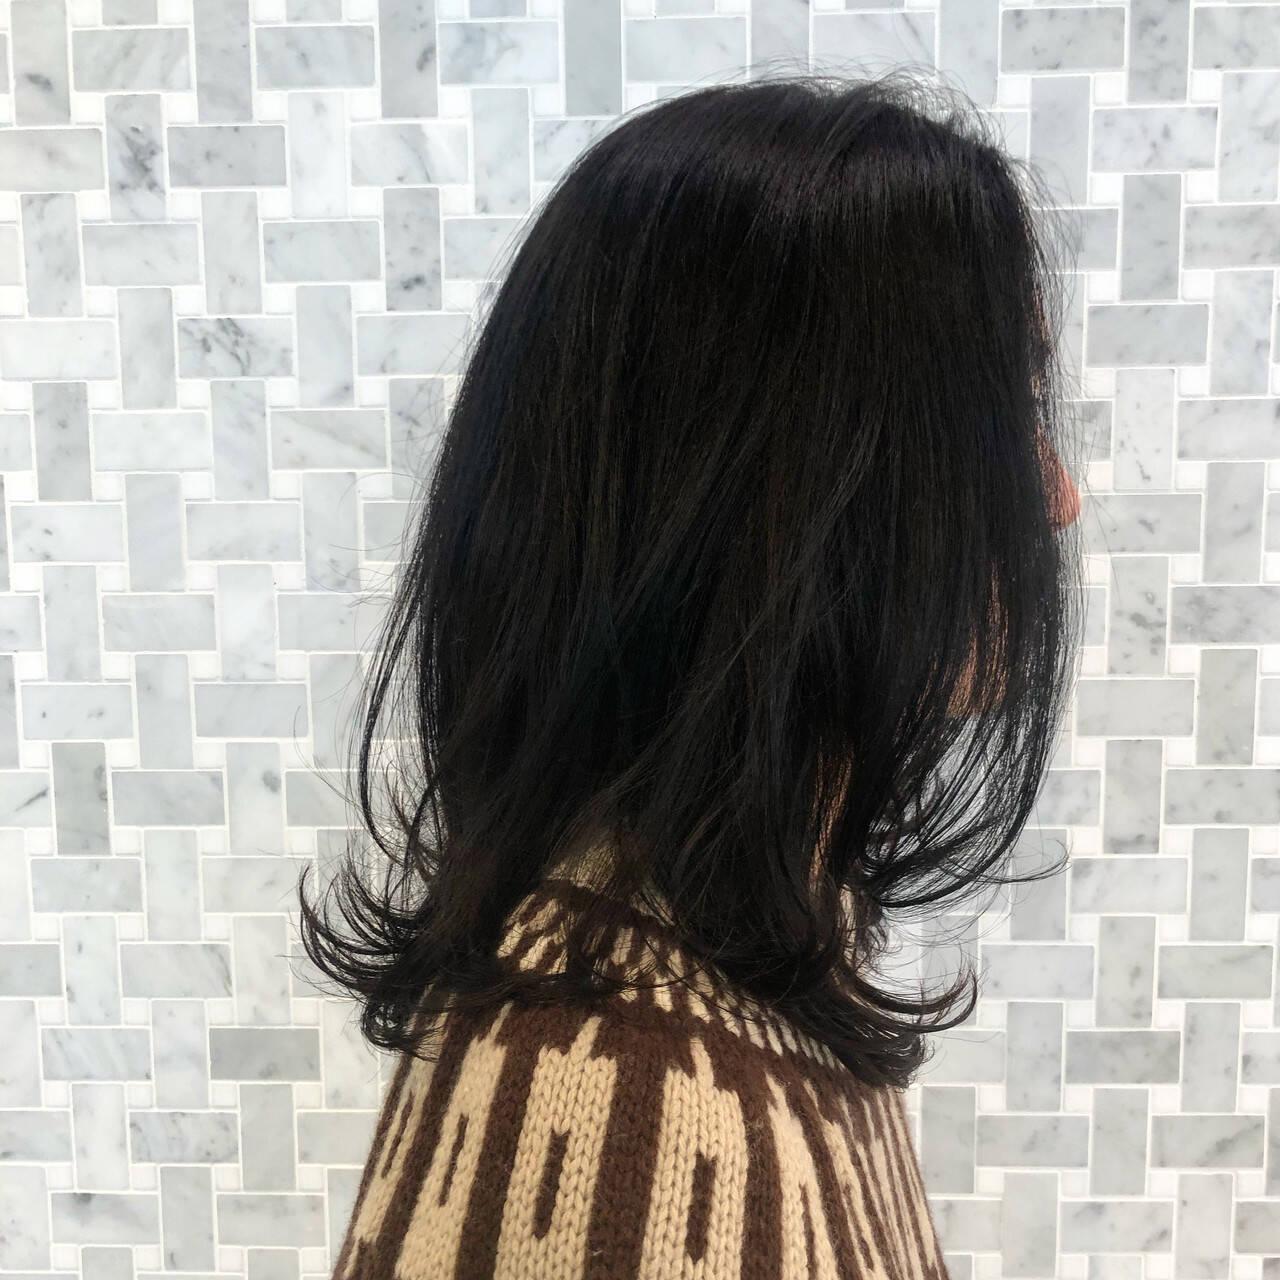 サーフスタイル メンズヘア メンズパーマ セミロングヘアスタイルや髪型の写真・画像